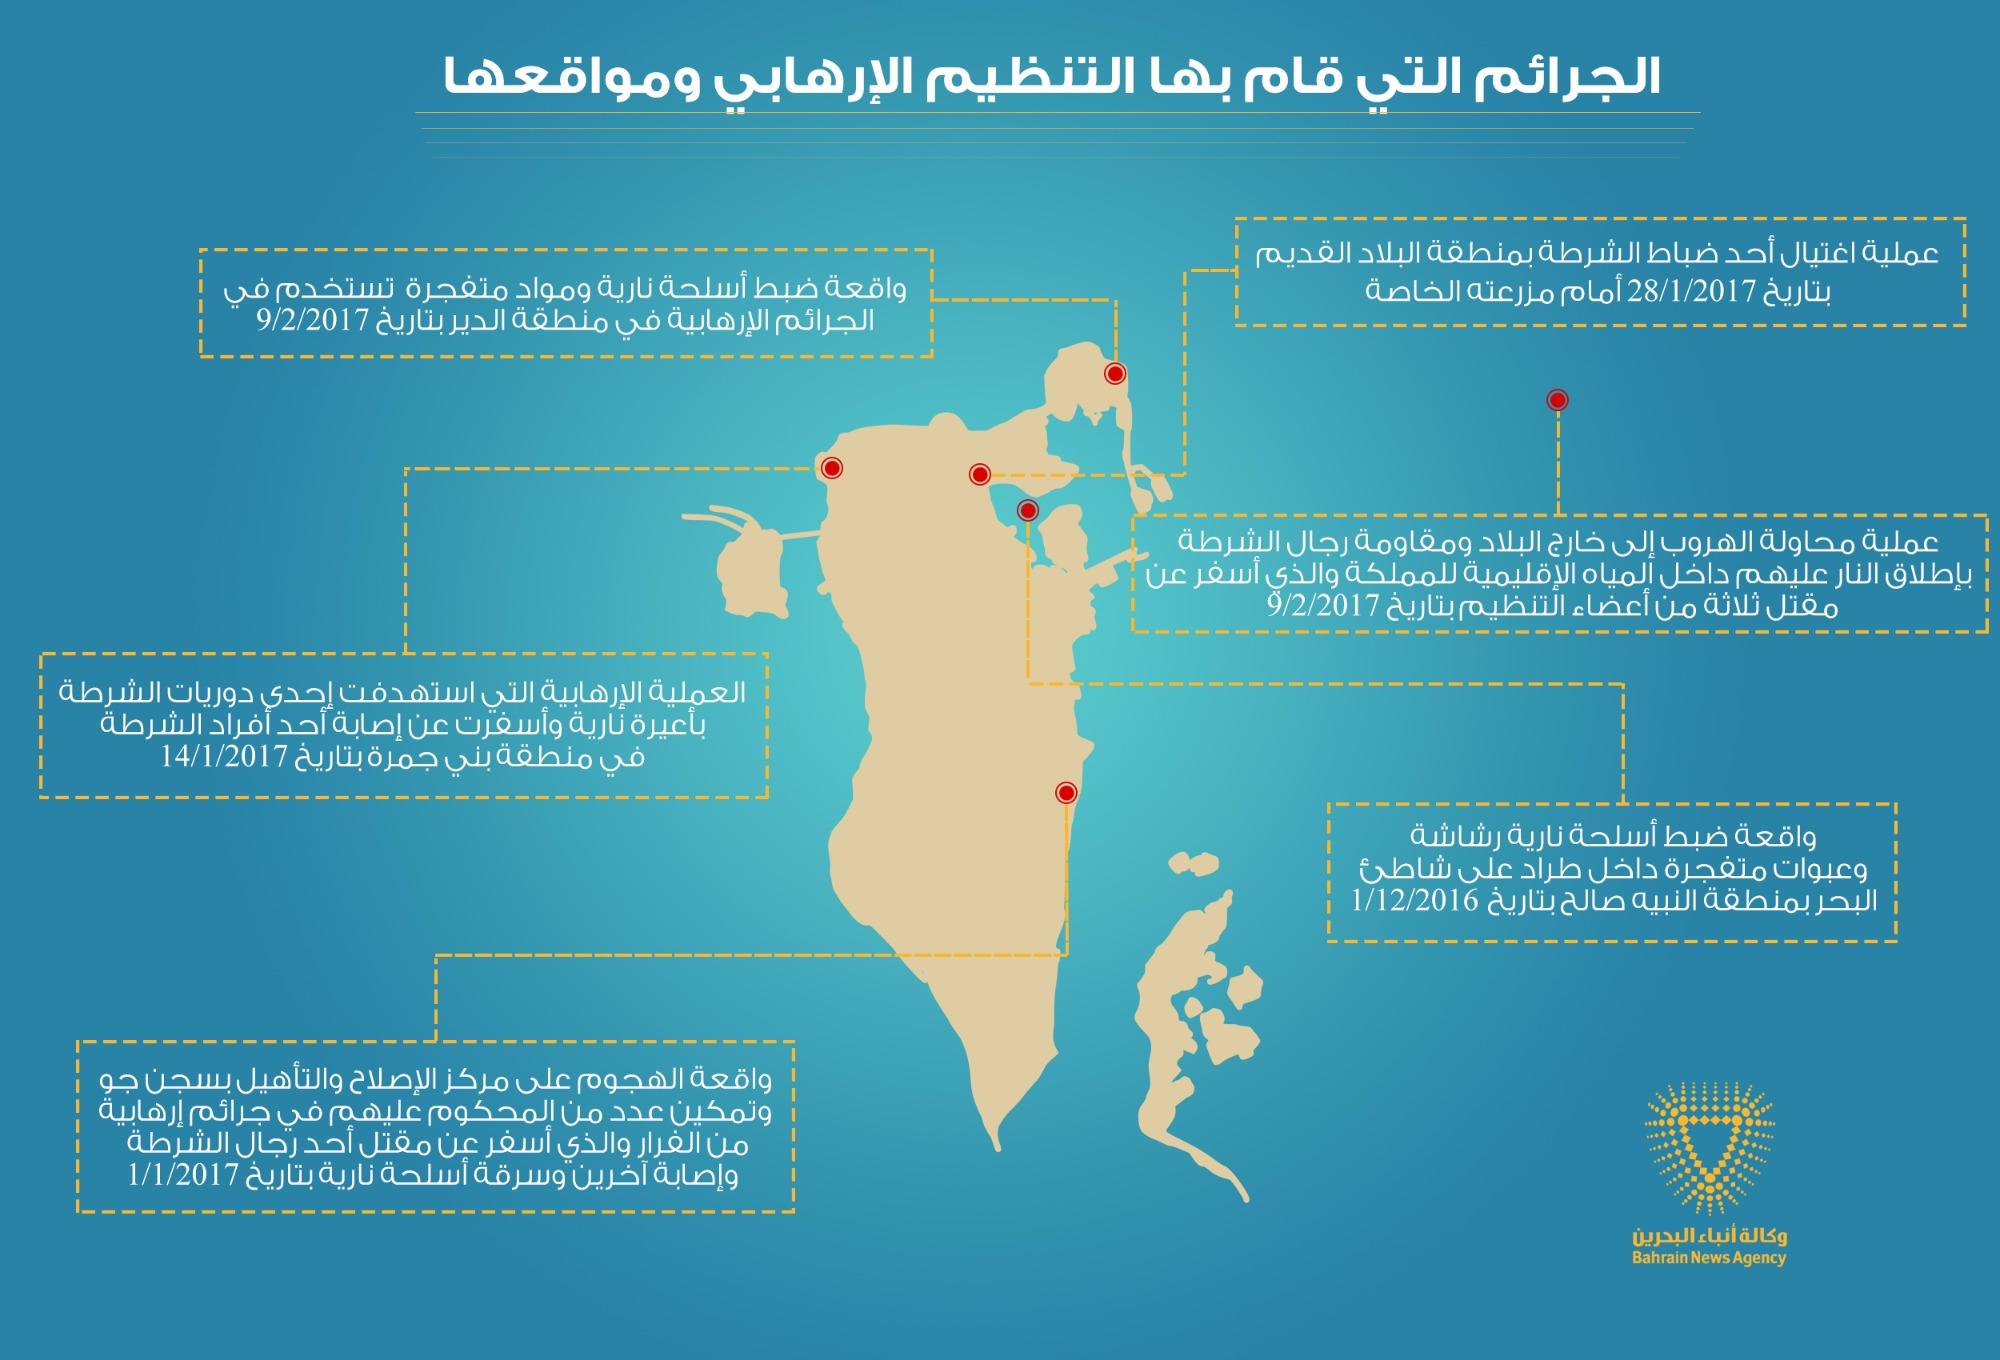 صور عممتها وكالة أنباء البحرين